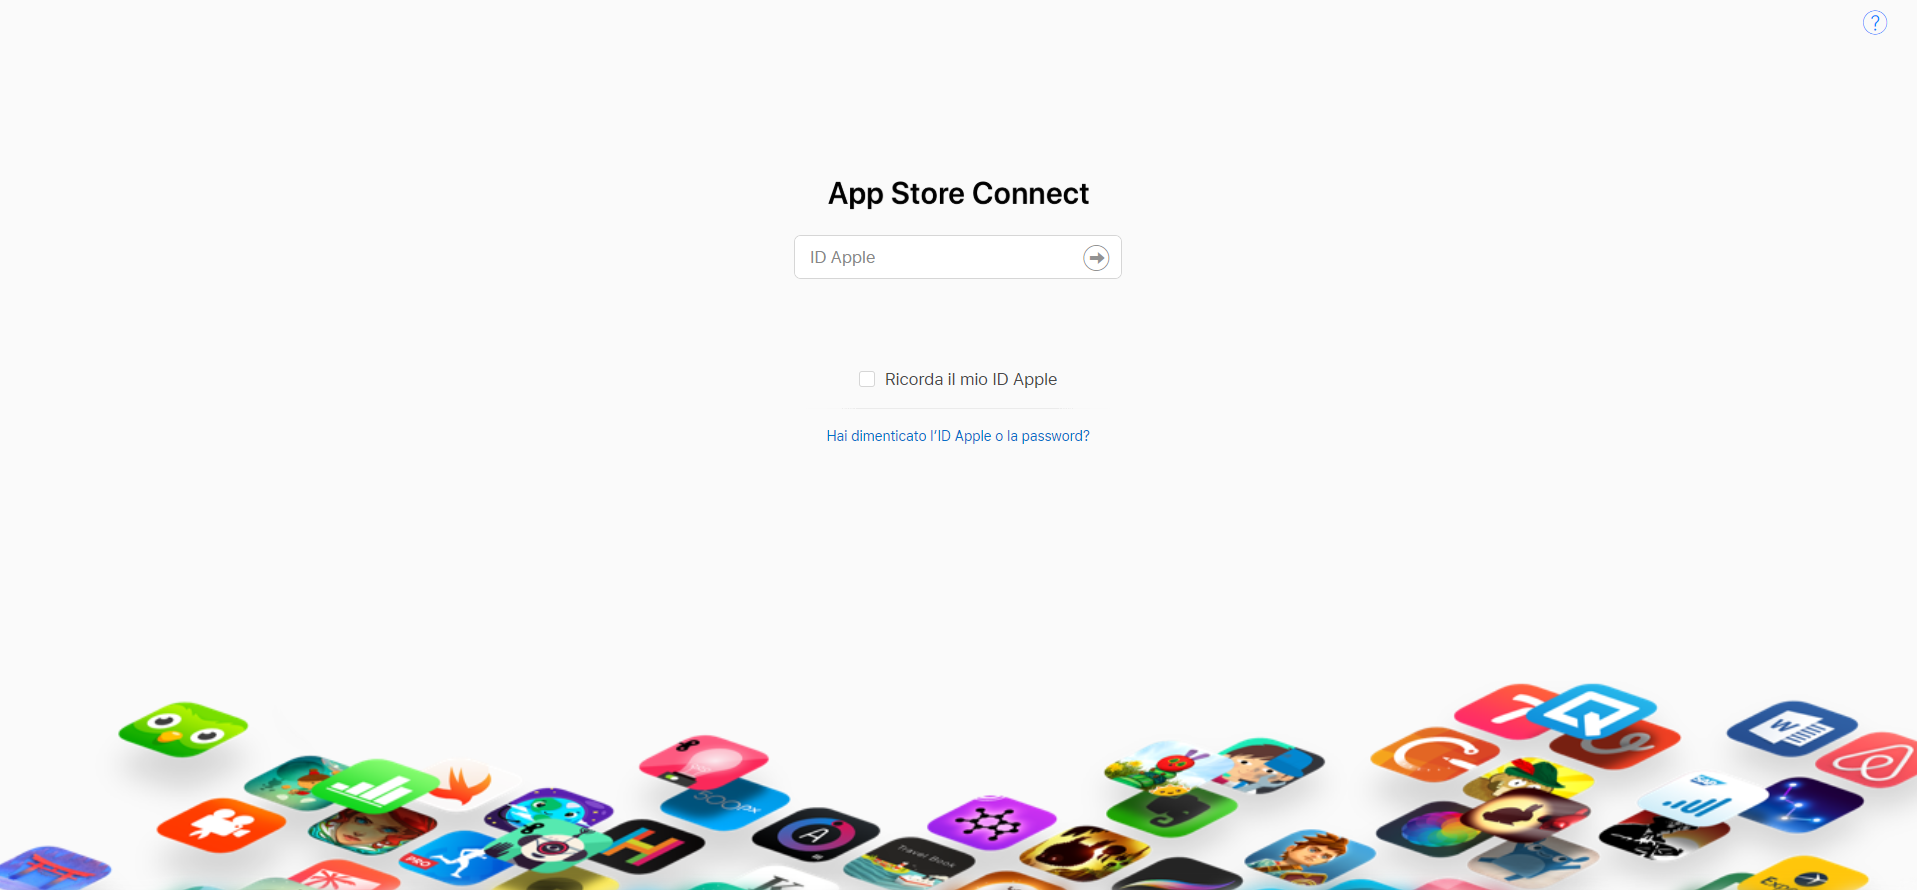 Come creare una nuova utenza dell'account Apple